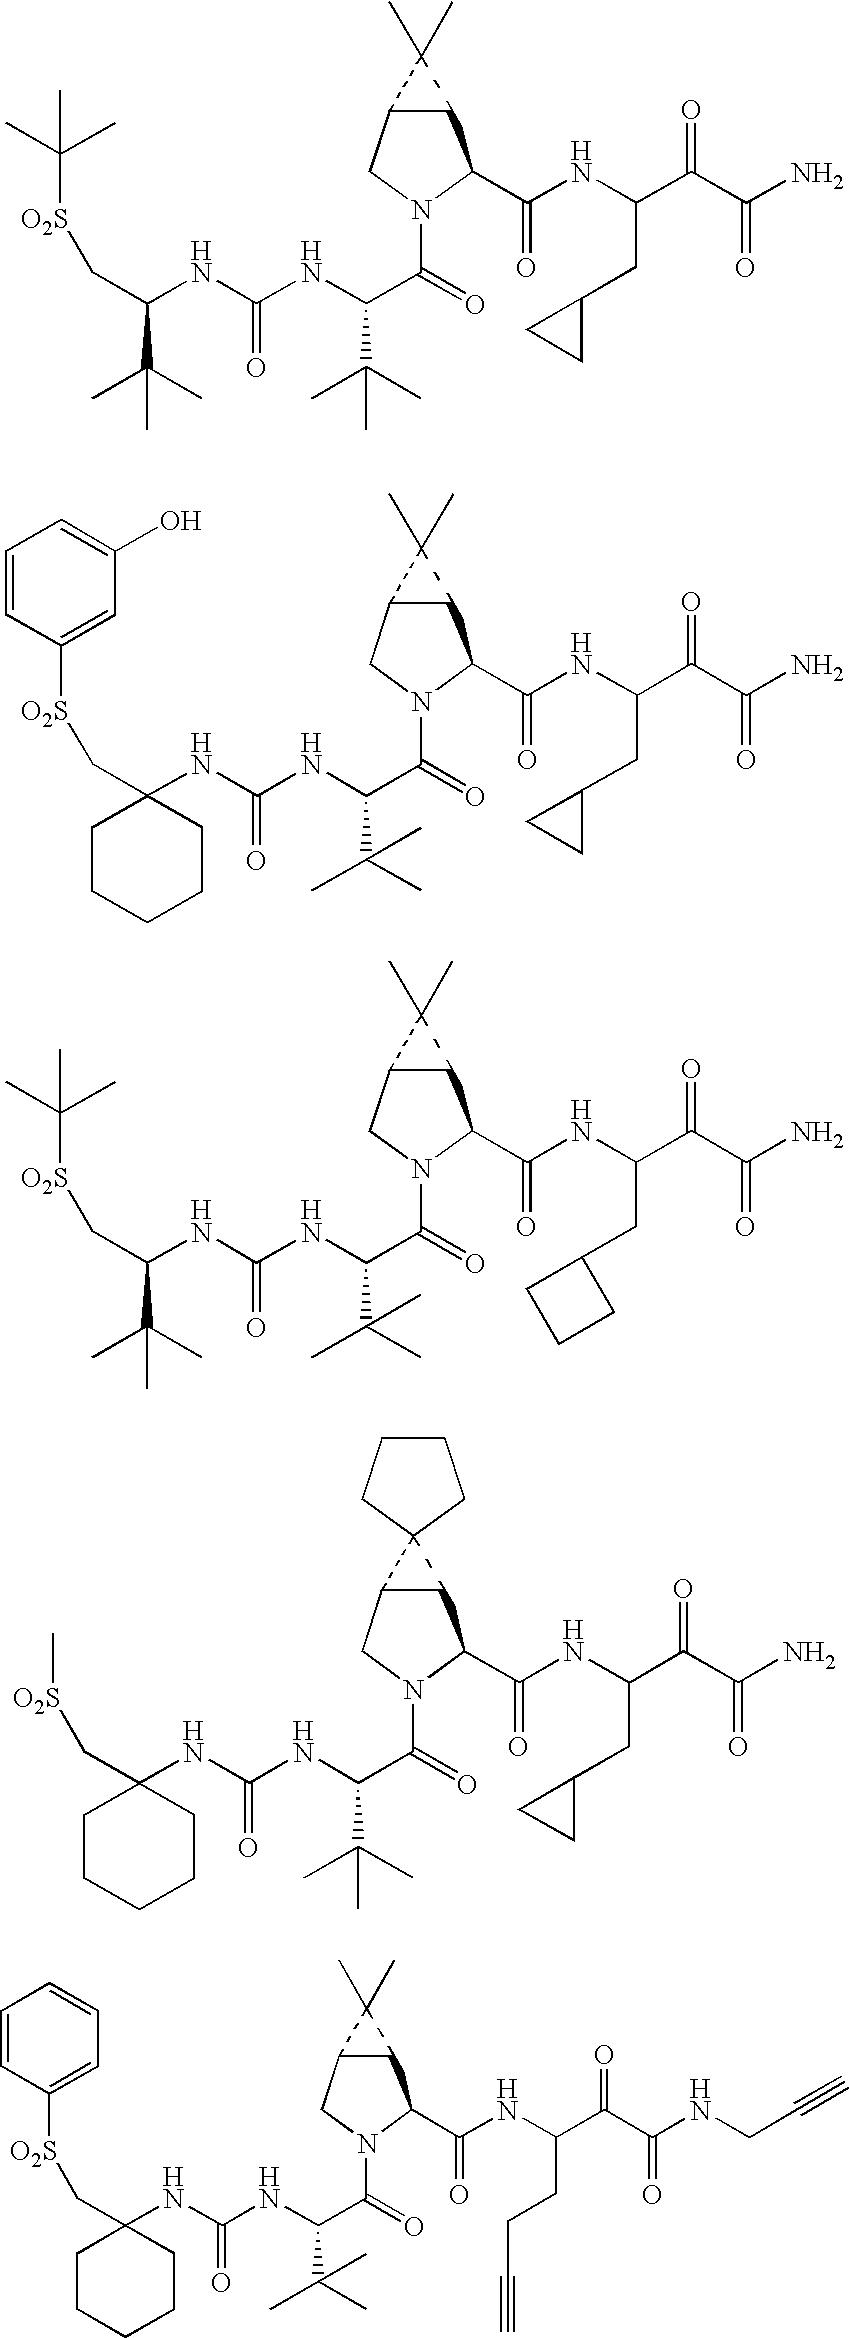 Figure US20060287248A1-20061221-C00455